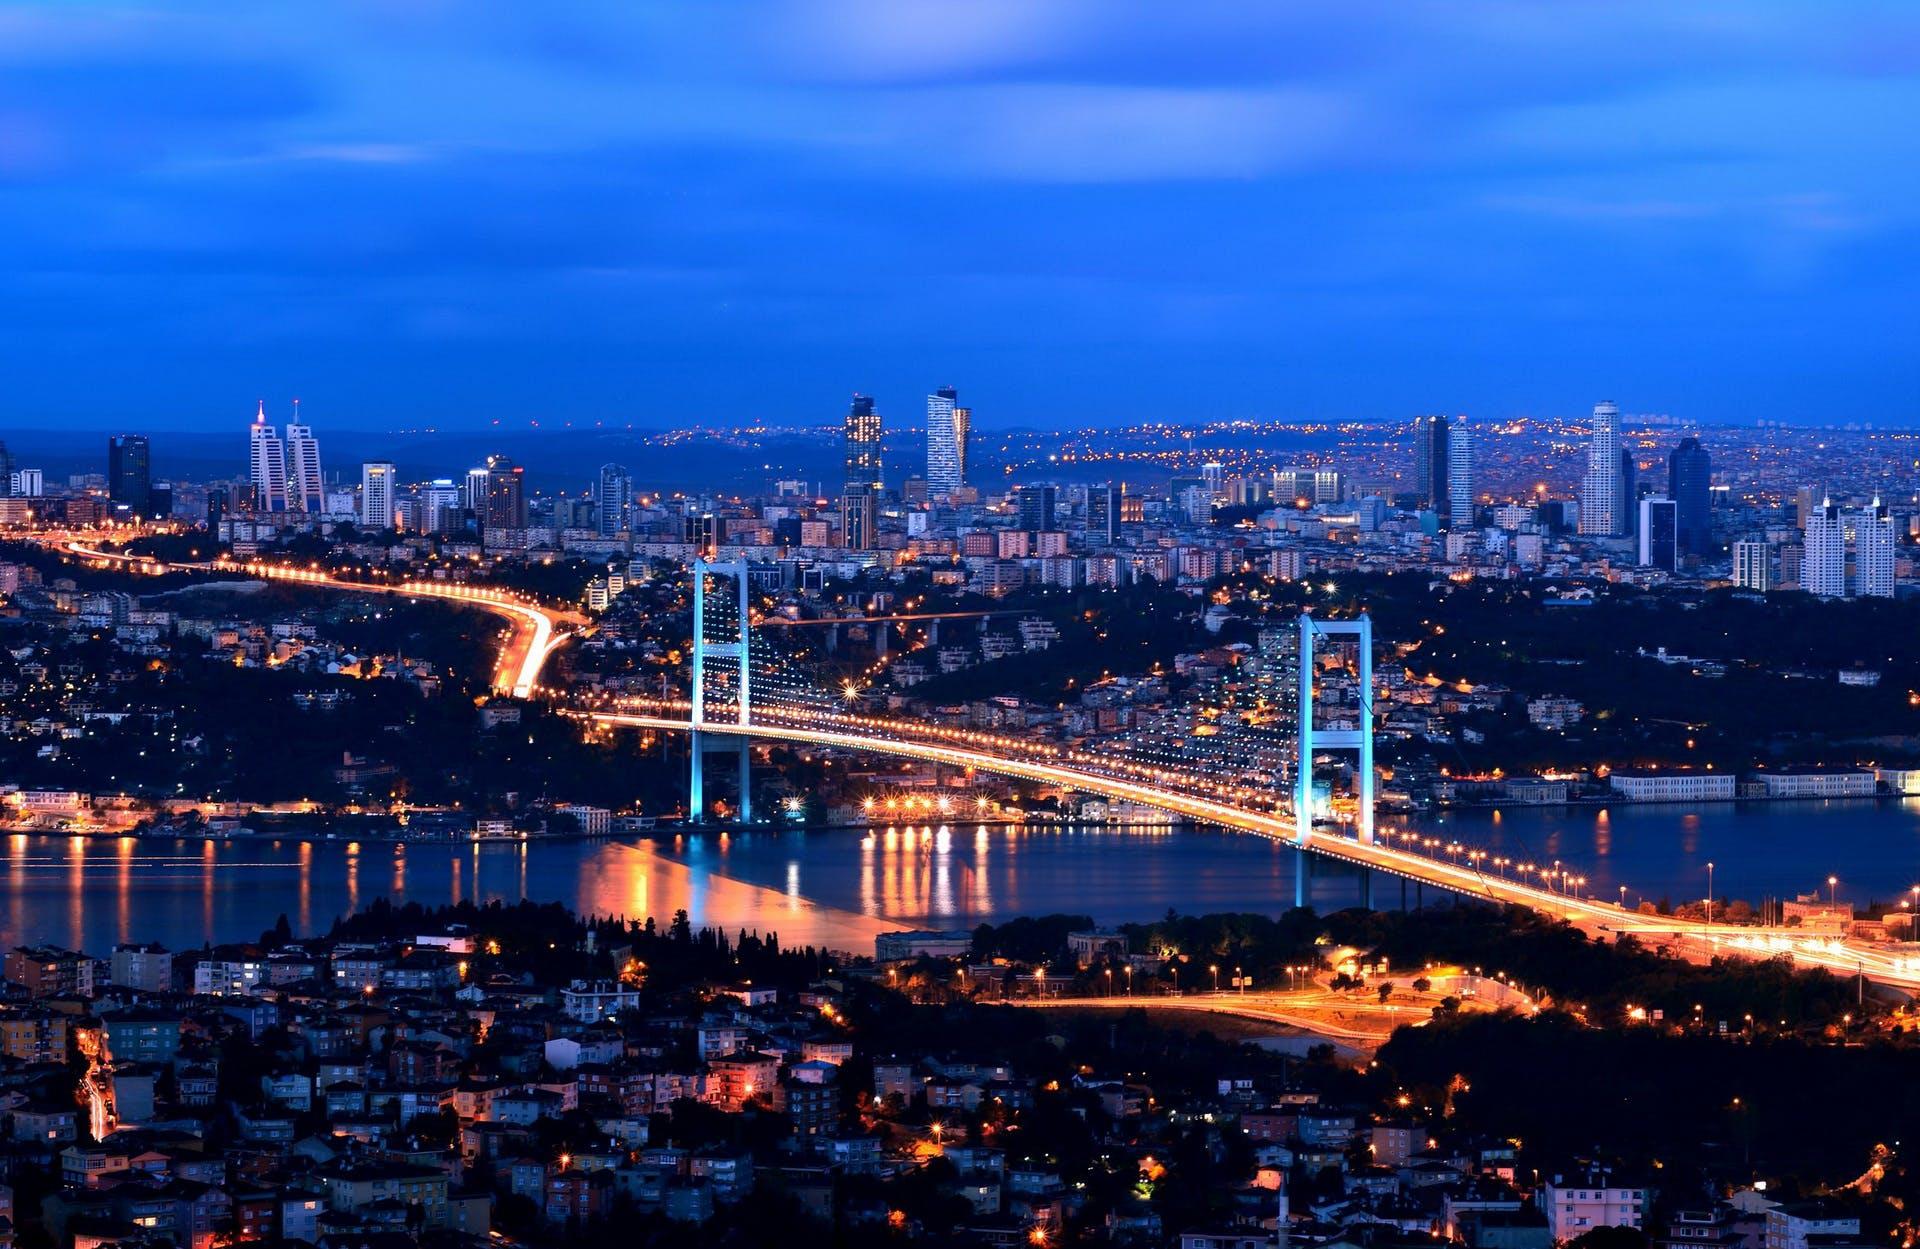 İstanbul 'da Nereleri Gezmeli?